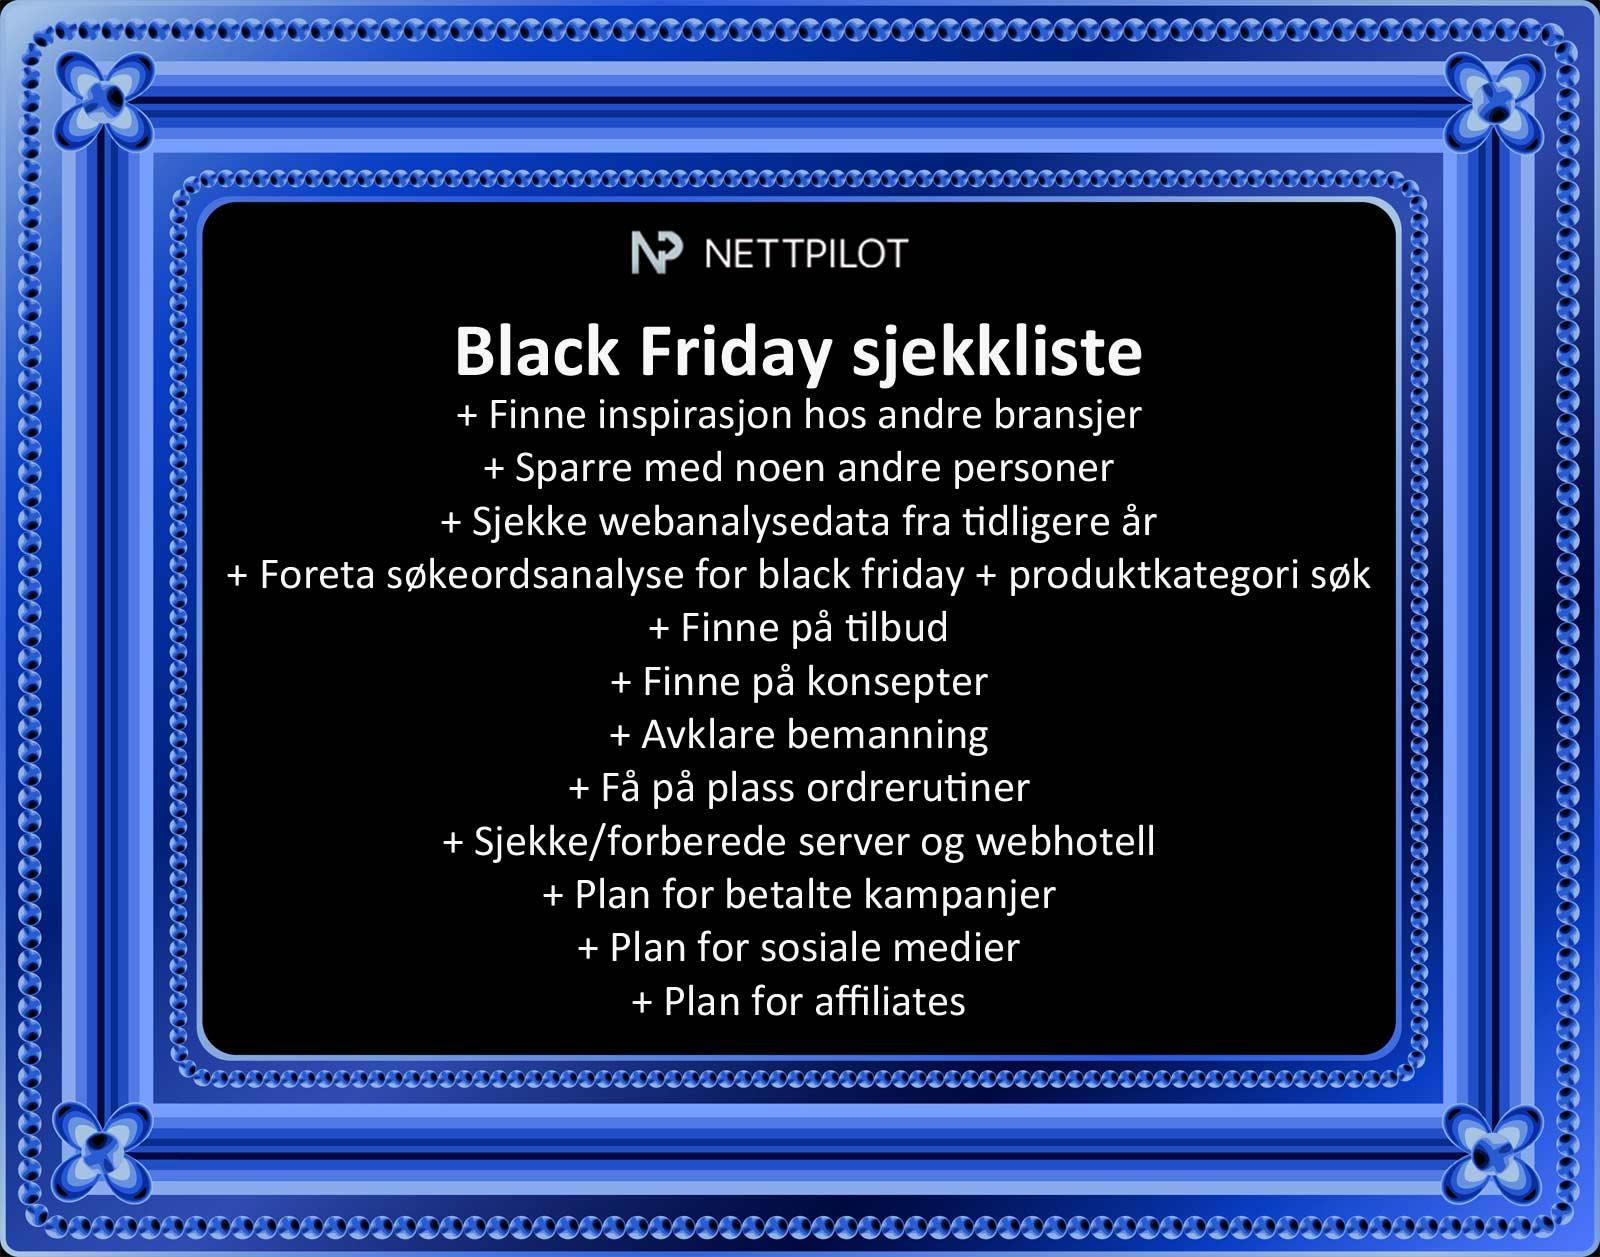 Gjør din nettbutikk klar for Black Friday